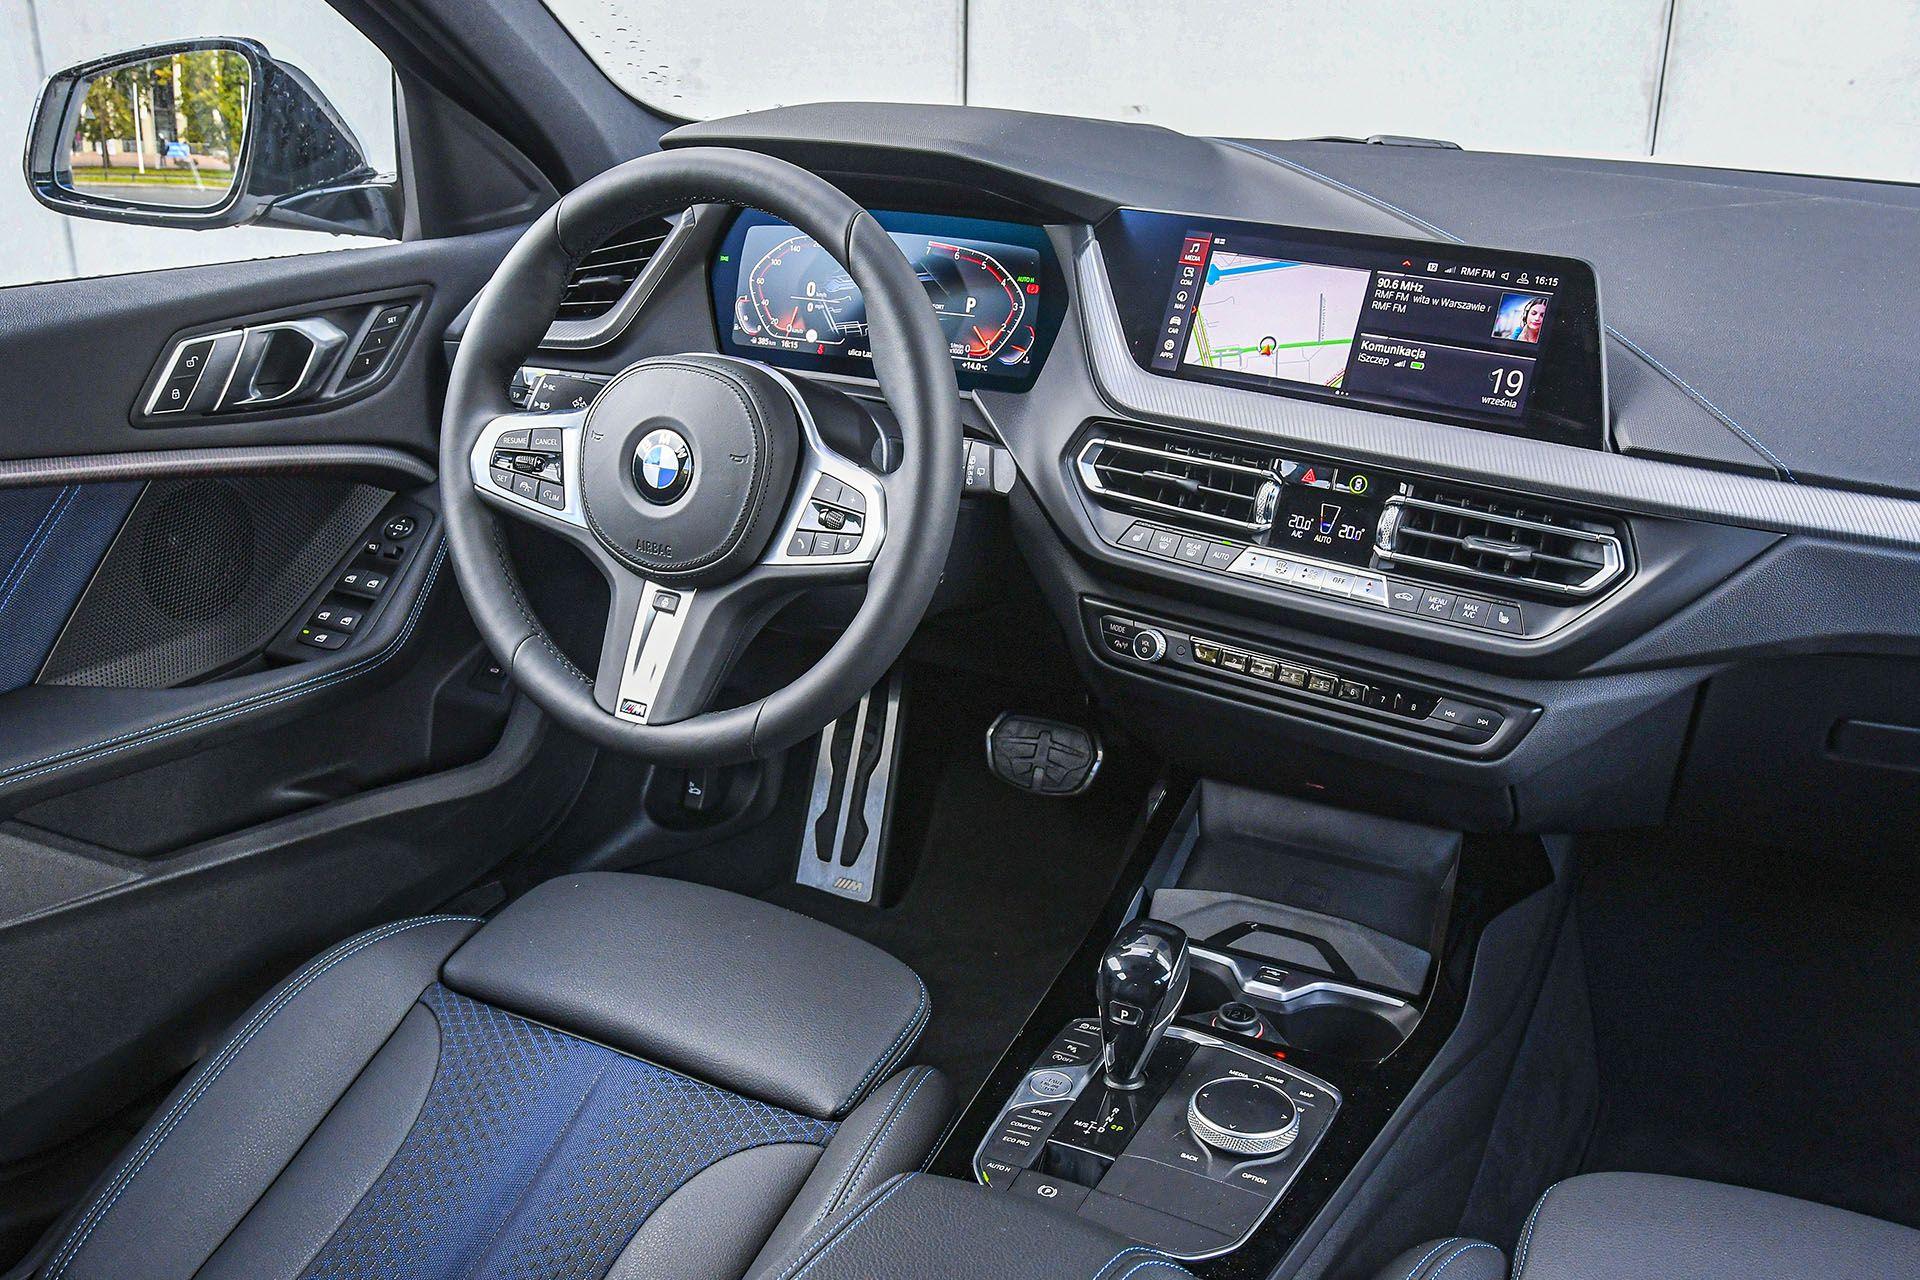 BMW serii 1 - deska rozdzielcza – PORÓWNANIE BMW 118i, Mazda 3 – opinie, spalanie, wymiary, dane techniczne